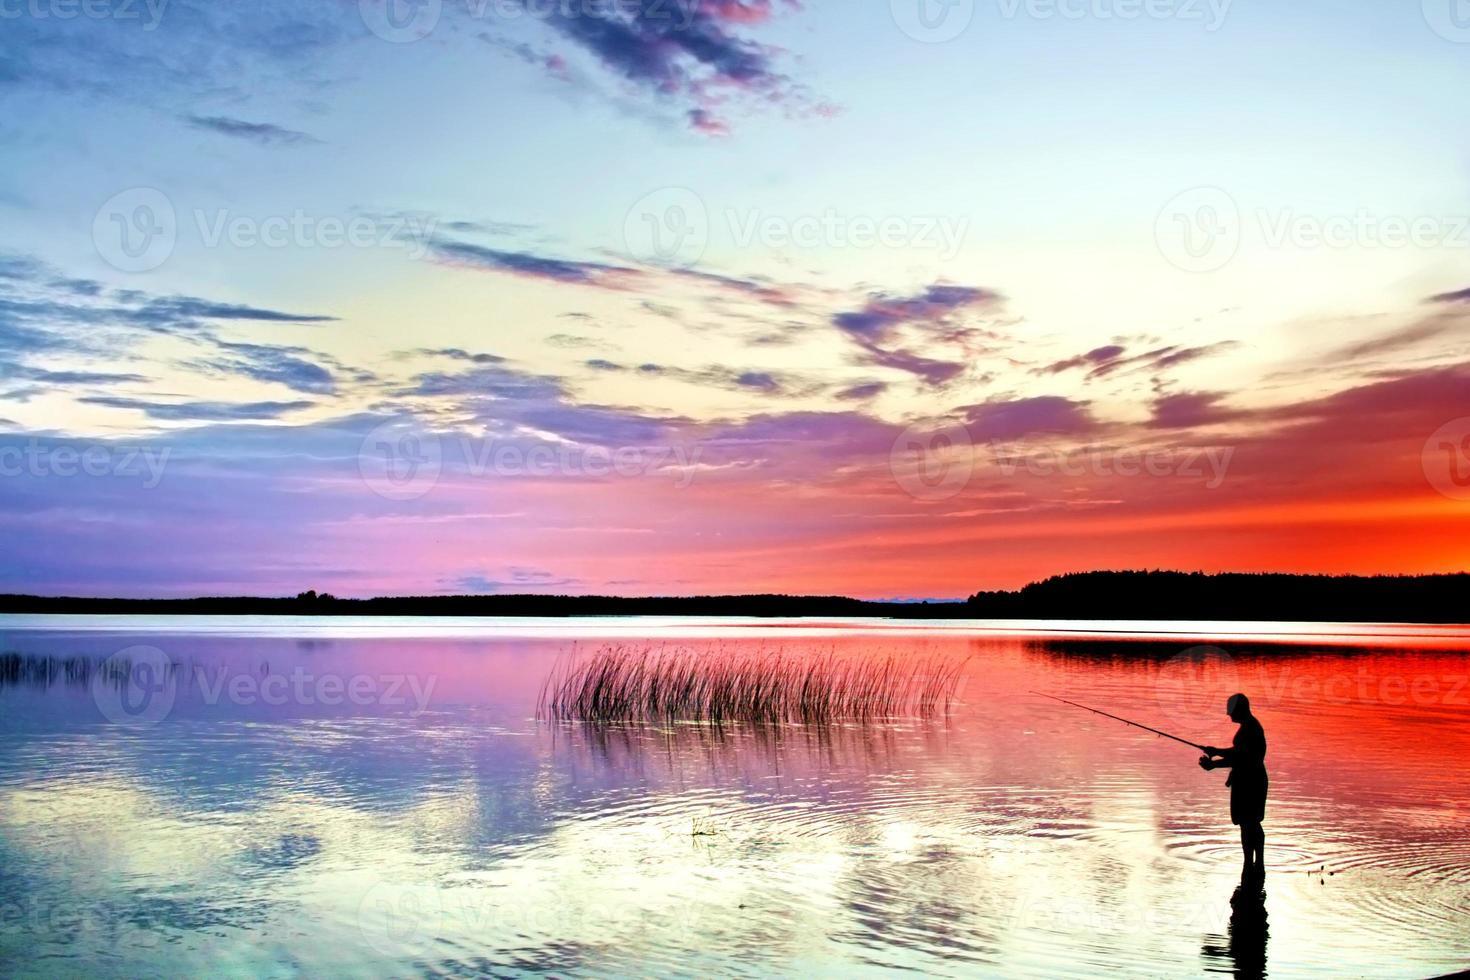 pescador com vara na beira do lago ao pôr do sol foto